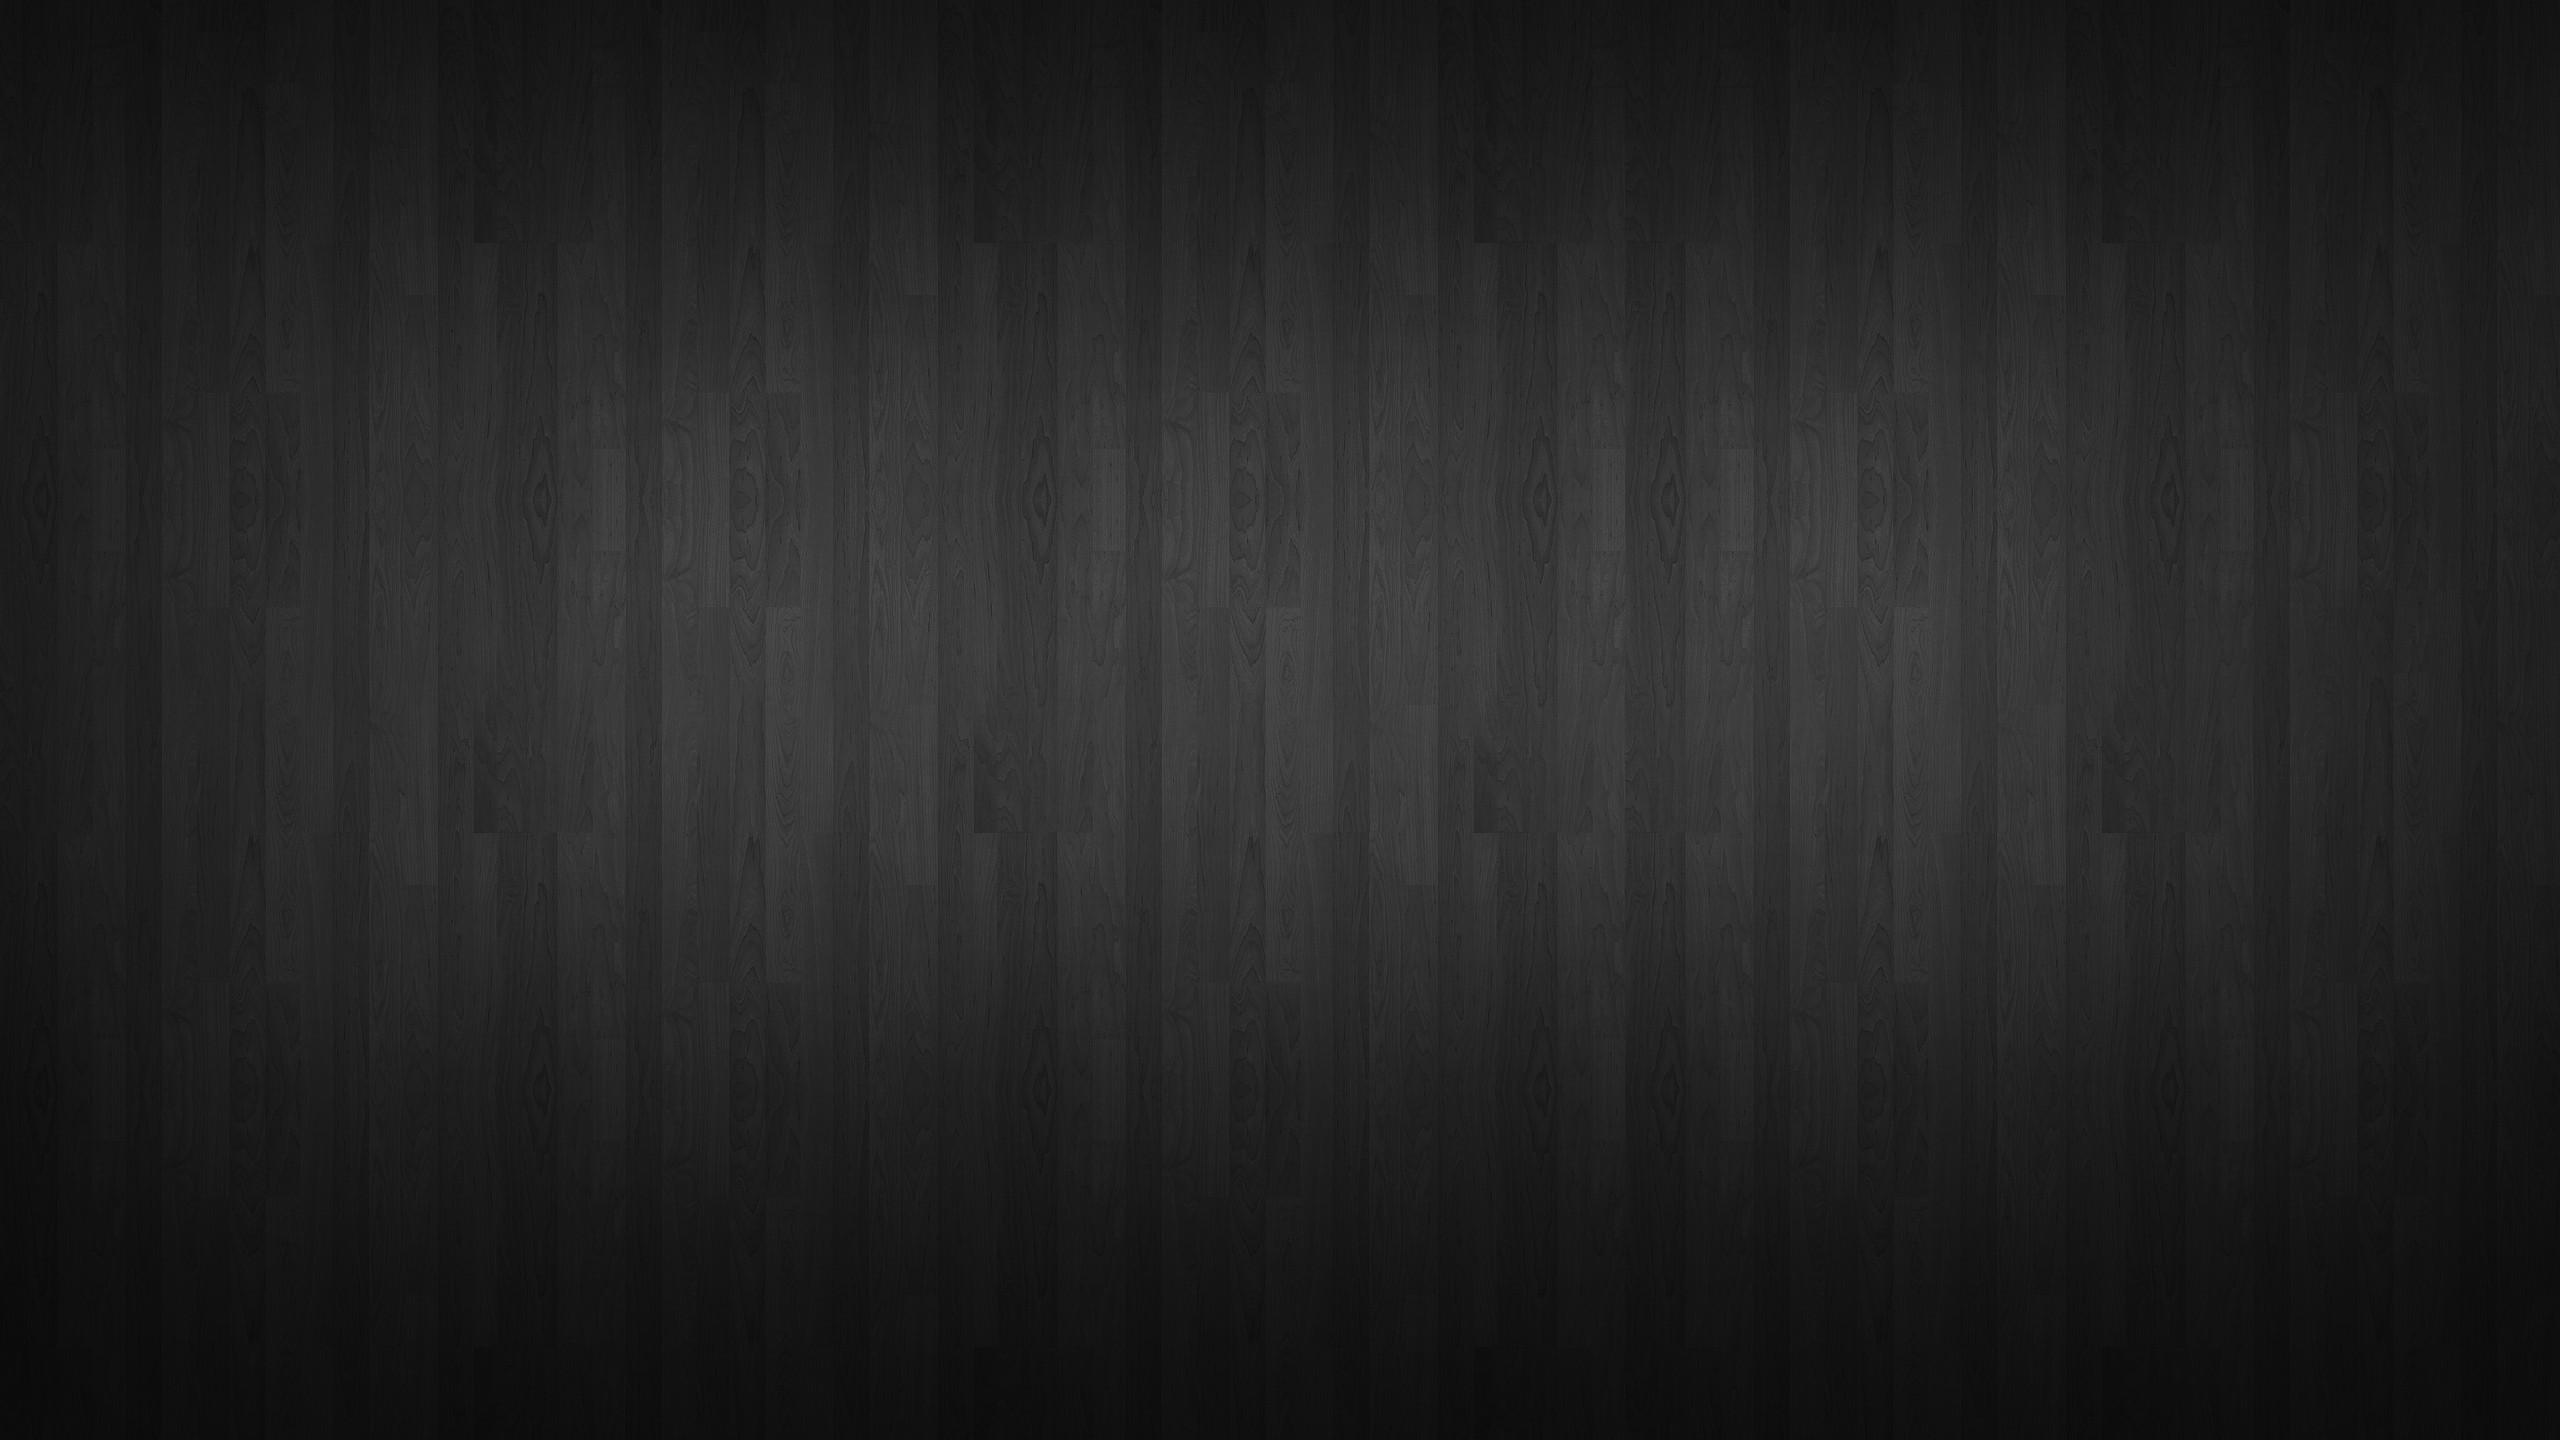 floor black dark wood textures wallpaper 2560x1440